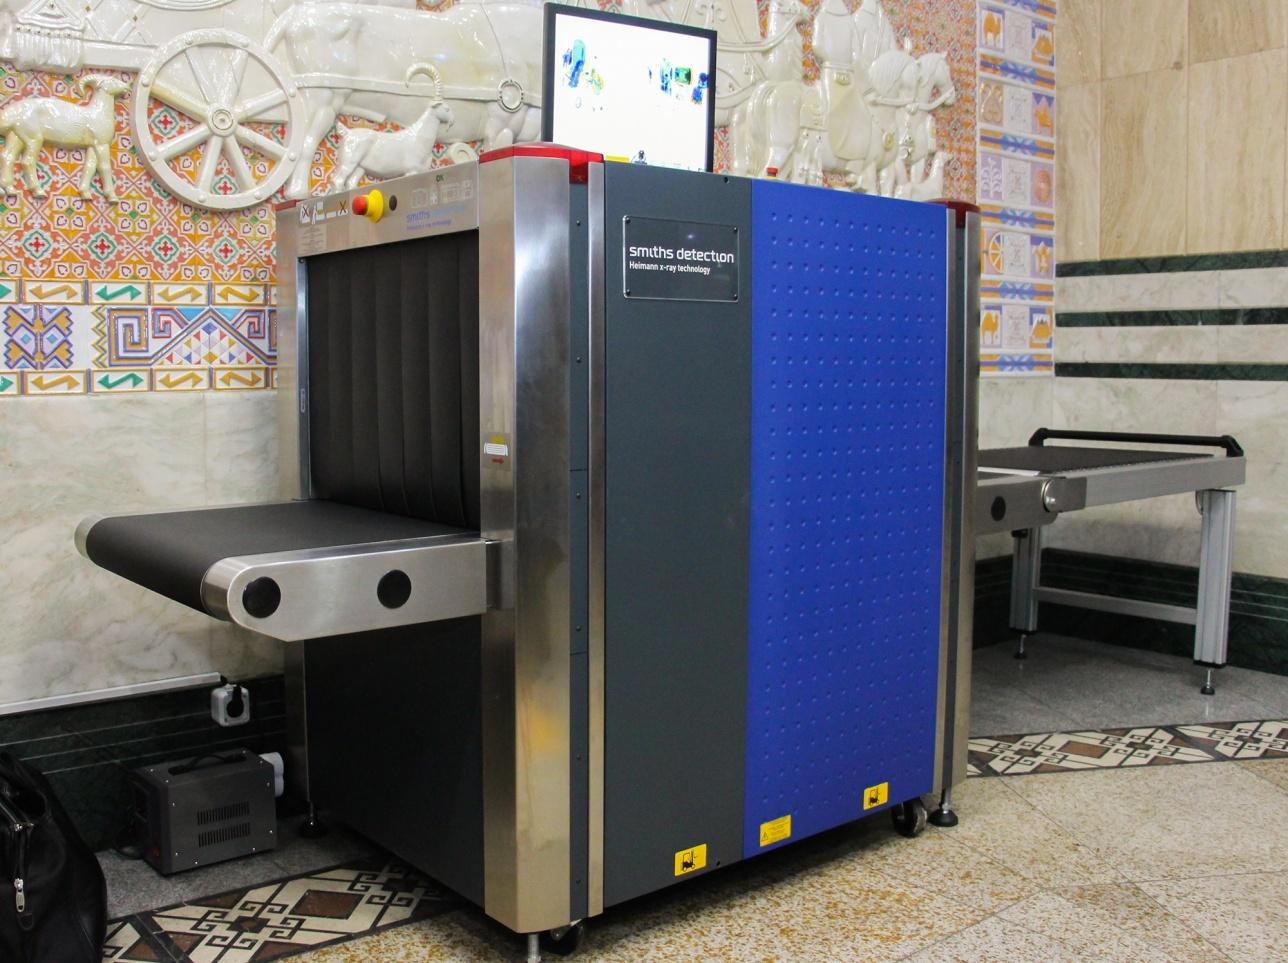 Рентген-установки появились в метро Алматы с ноября 2015 года